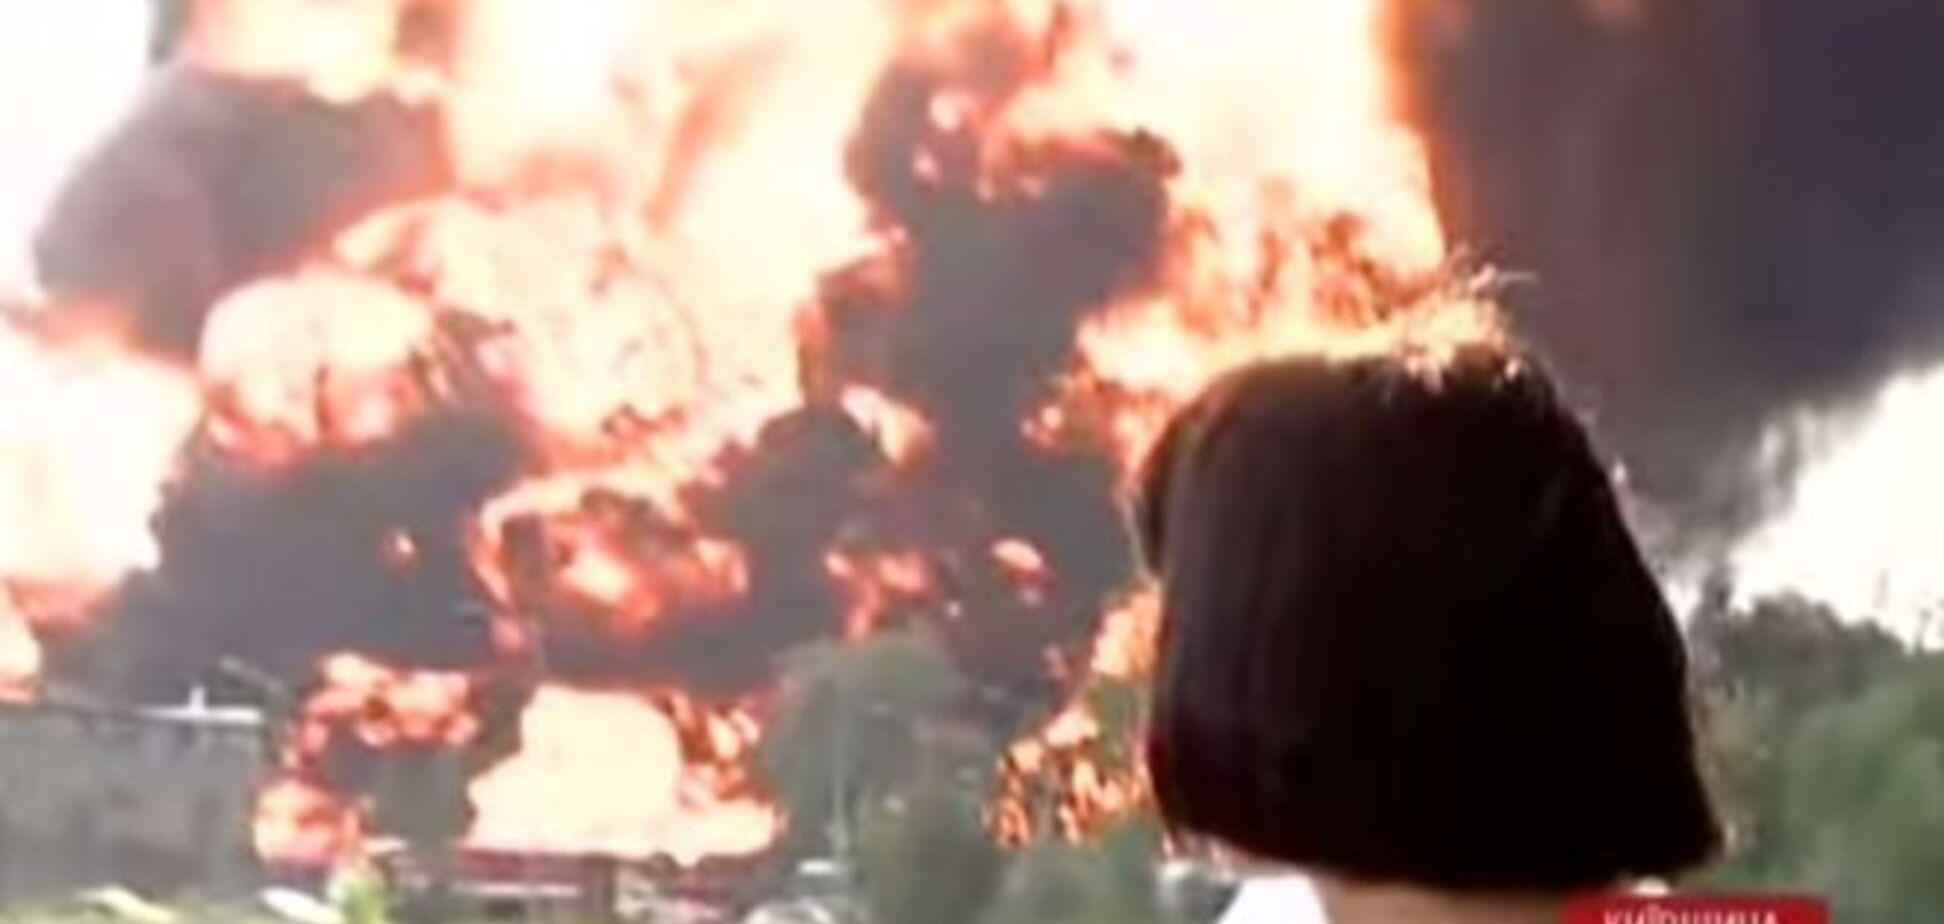 Очередной взрыв на нефтебазе произошел в прямом эфире: видеофакт